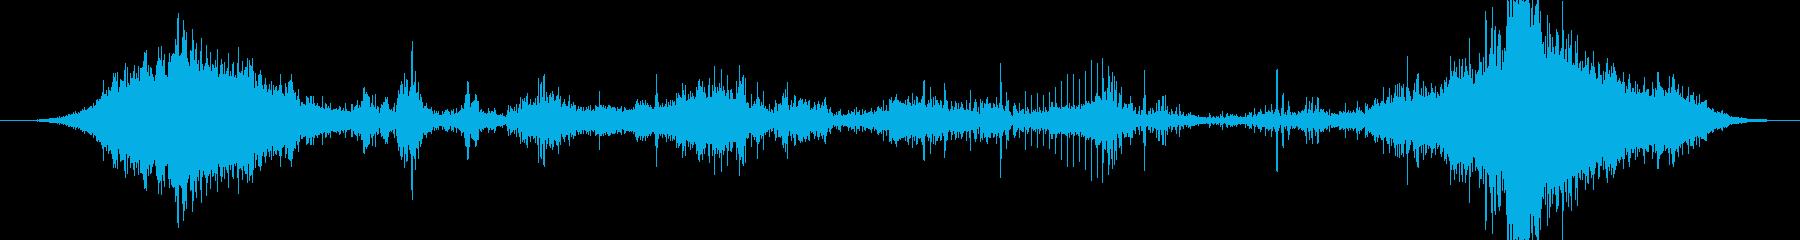 トランジション プロモーションパッド29の再生済みの波形